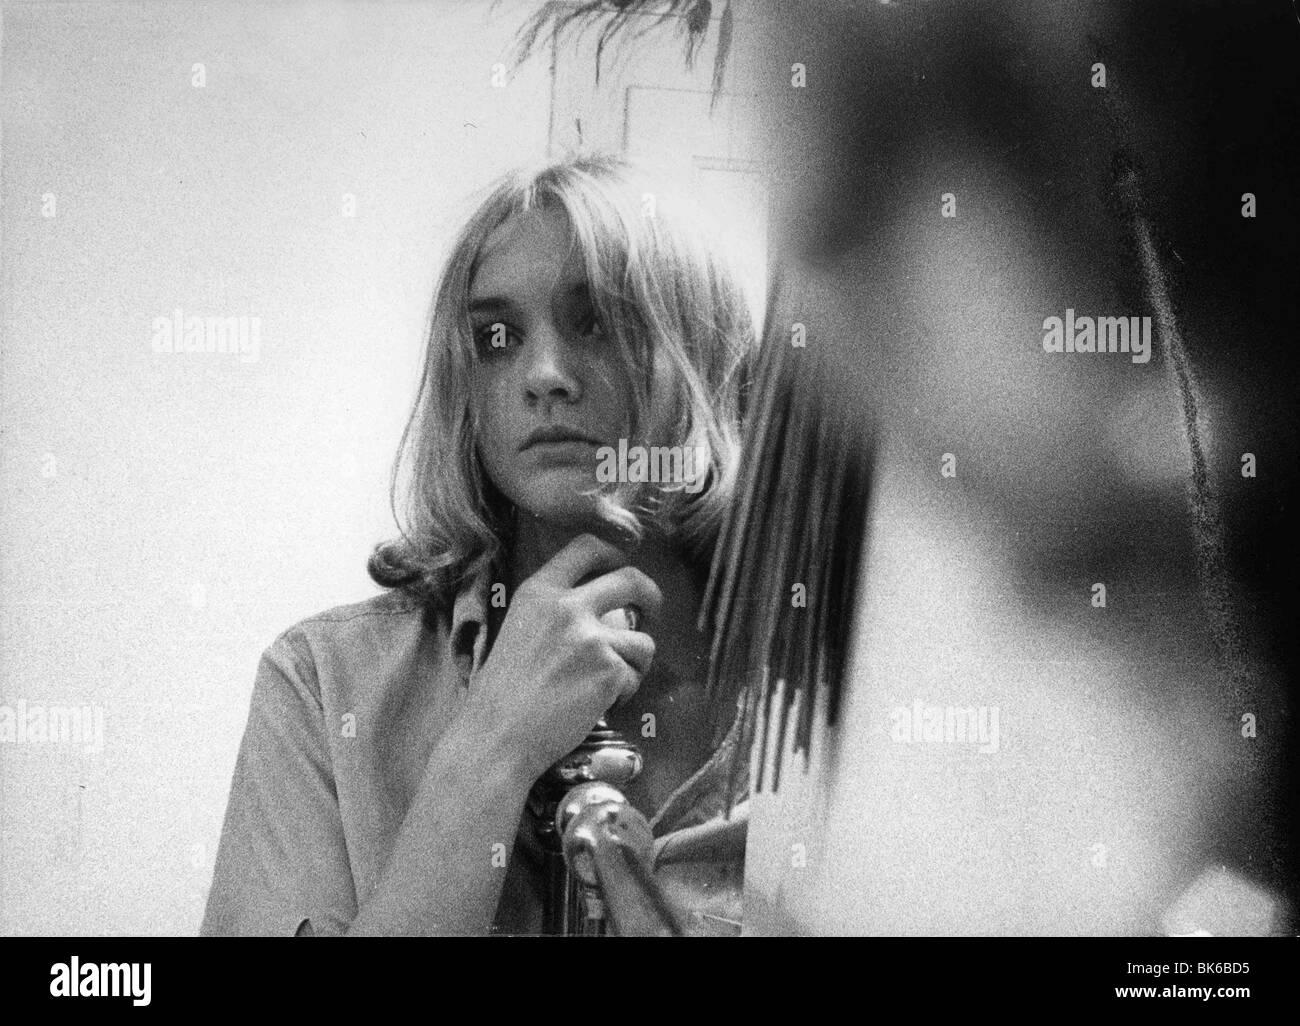 Vive la mort  Year : 1969 Director : Francis Reusser Françoise Prouvost - Stock Image